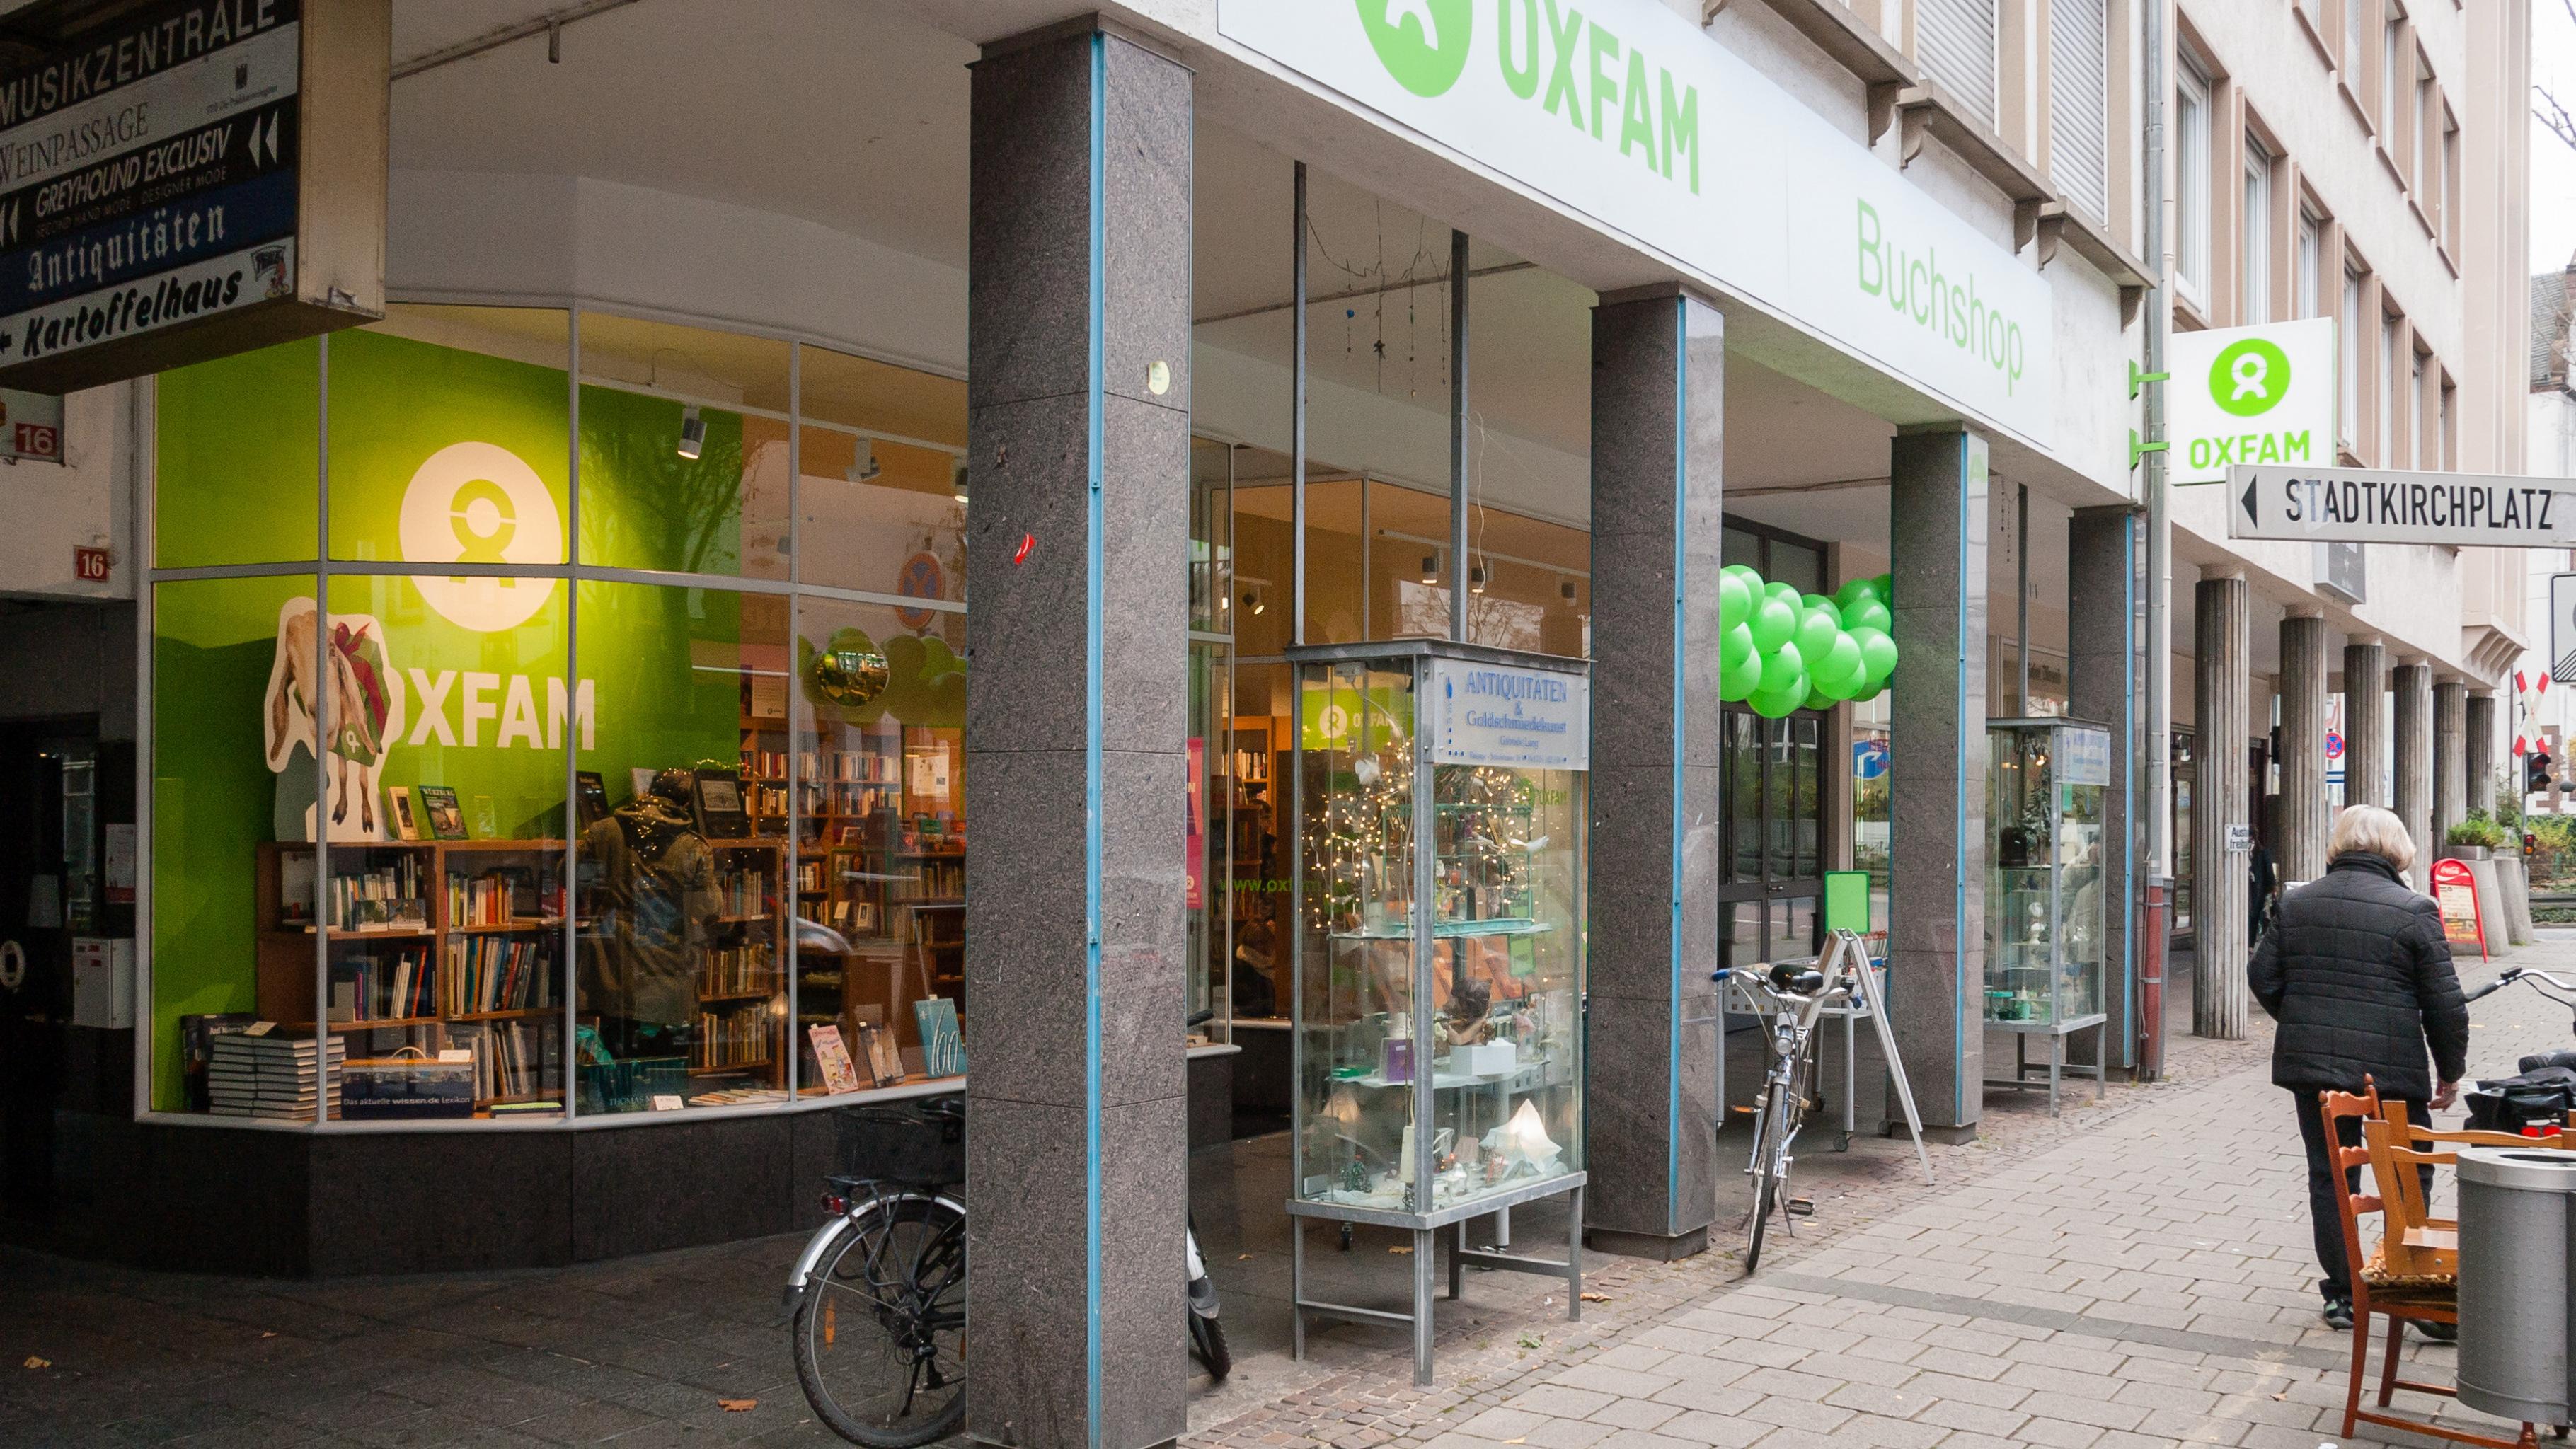 Gebrauchte Bucher Kaufen Spenden In Darmstadt Oxfam Buchshop